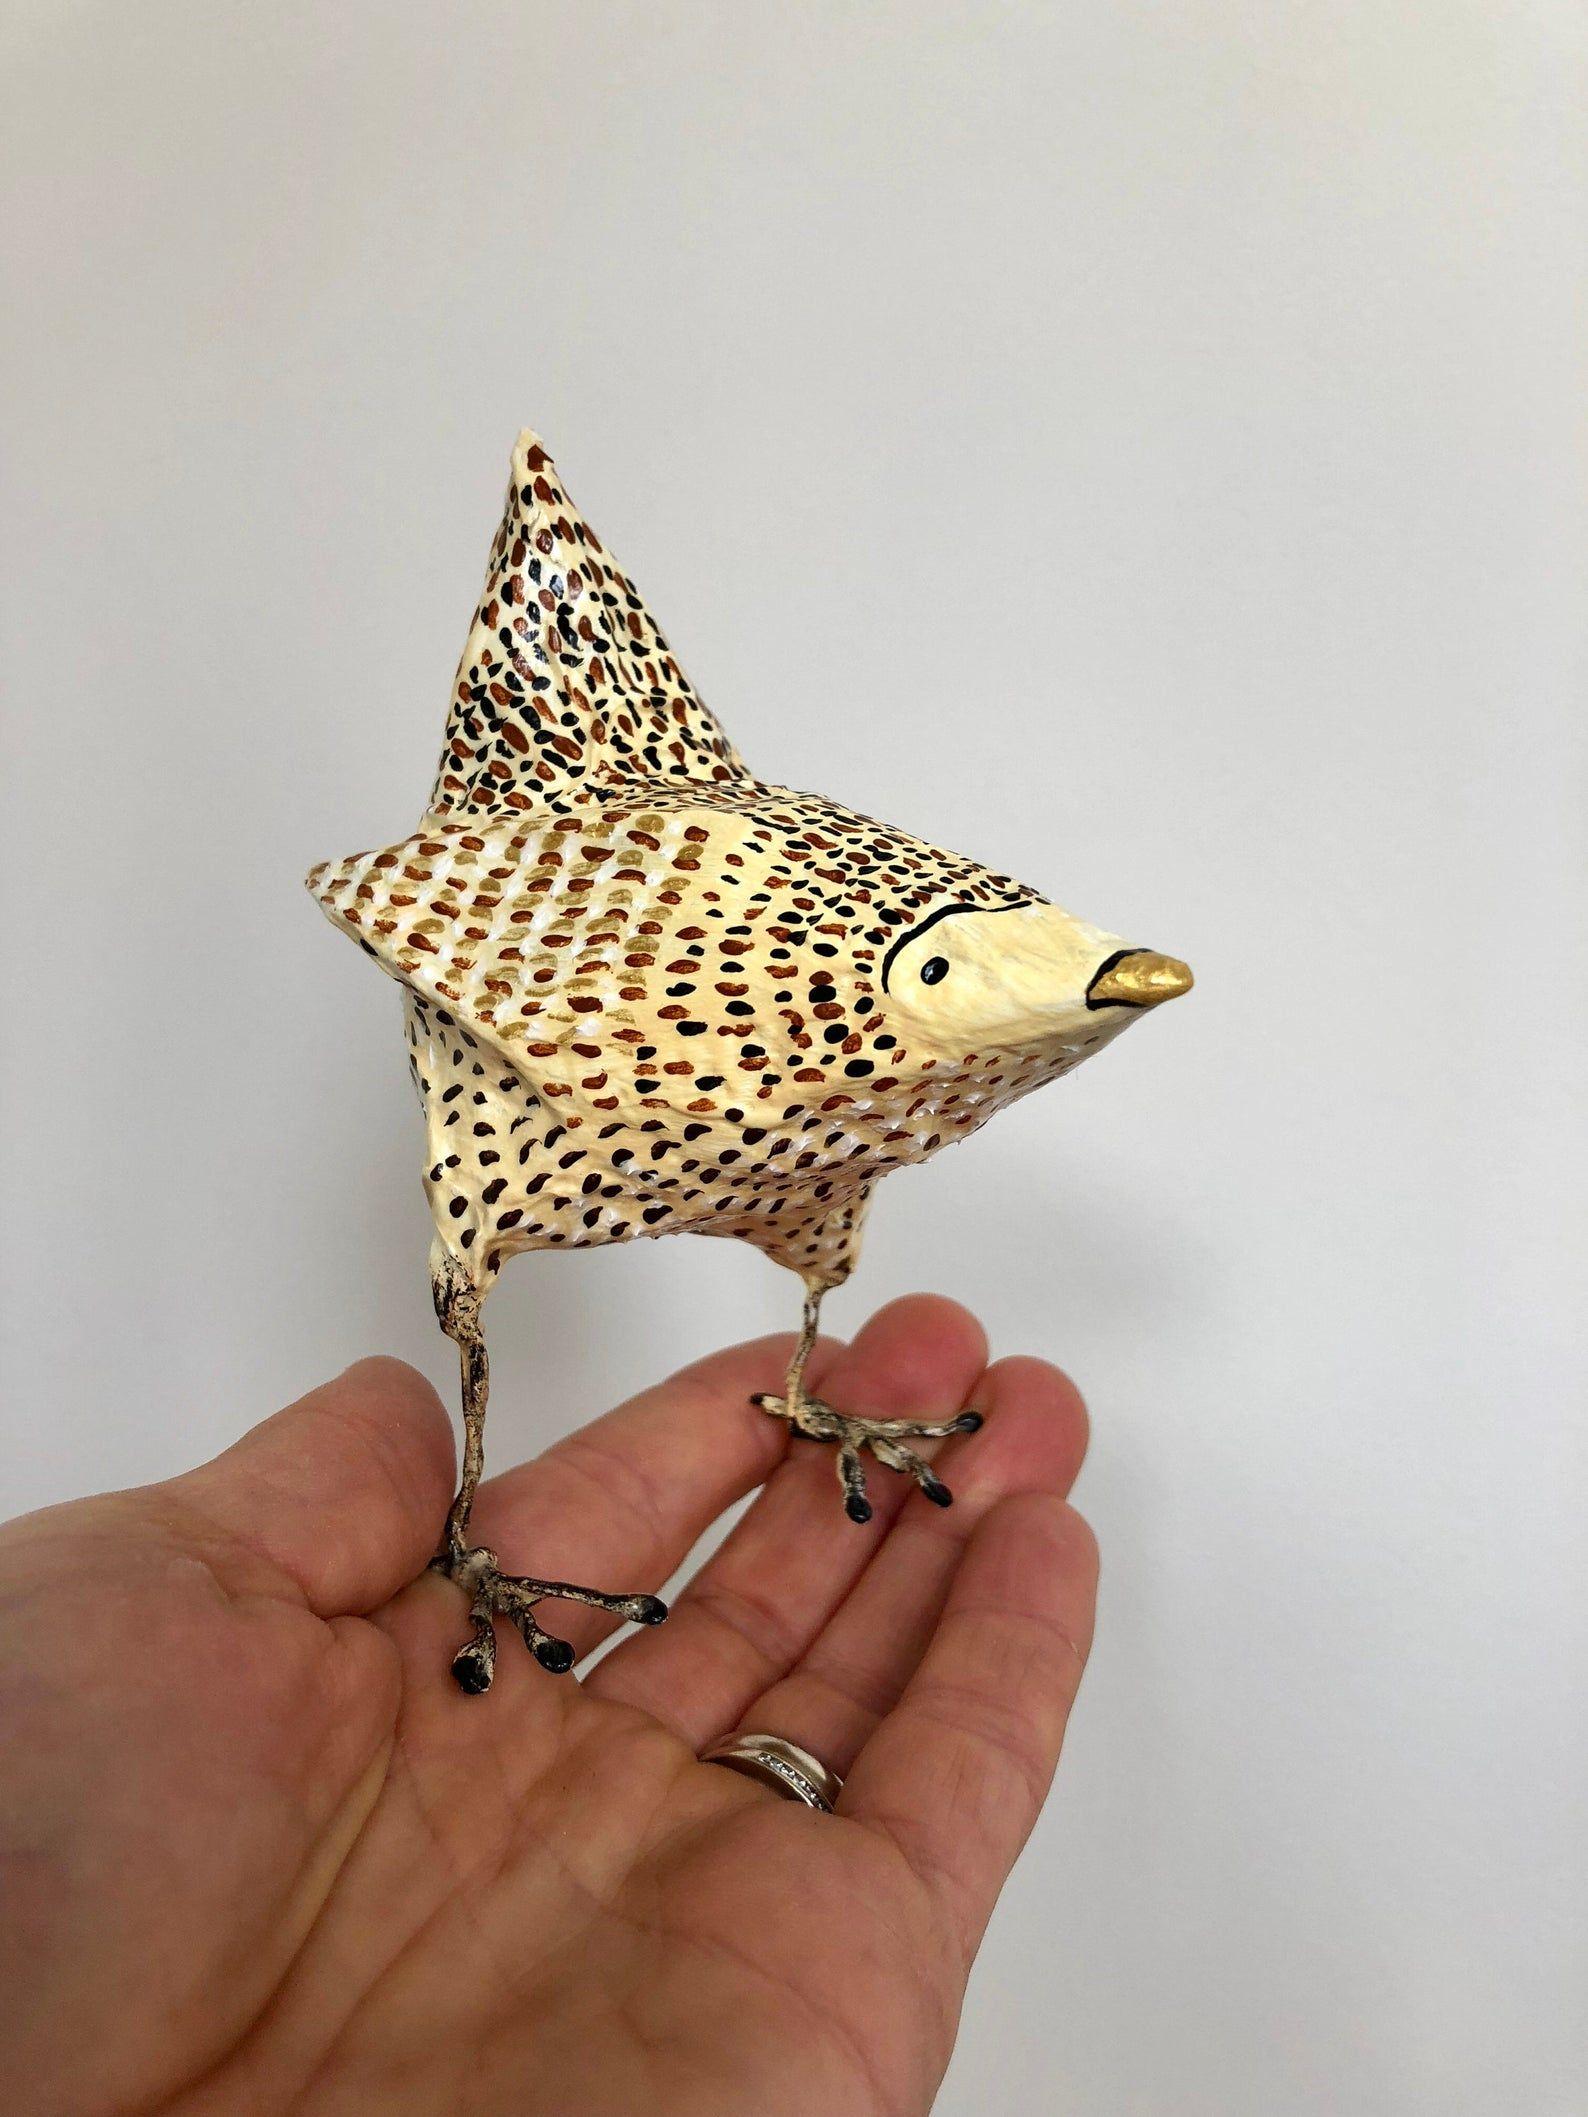 Paper mache bird sculpture / Paper mache animal / Small bird / Bird / Original art / Sculpture / Gift / Decor #smallbirds